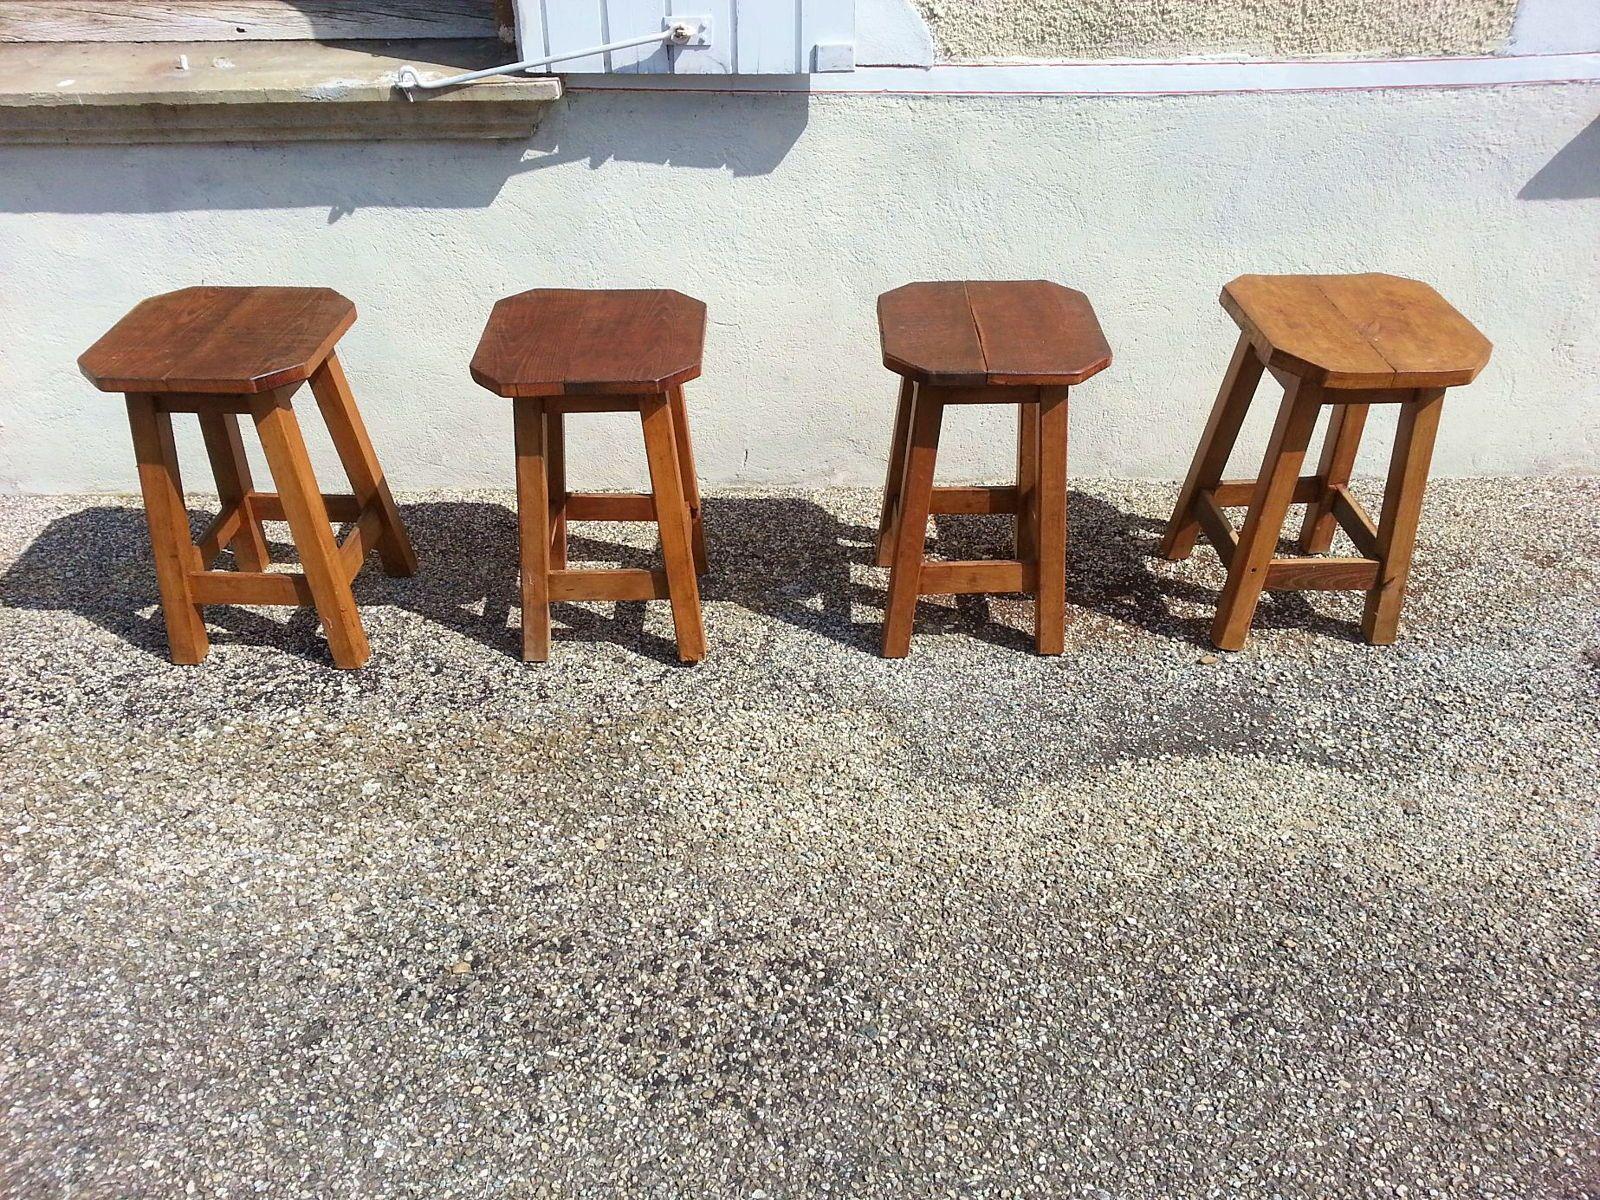 Vends Lot de 4robustes tabourets en bois dur, dessus en fresne